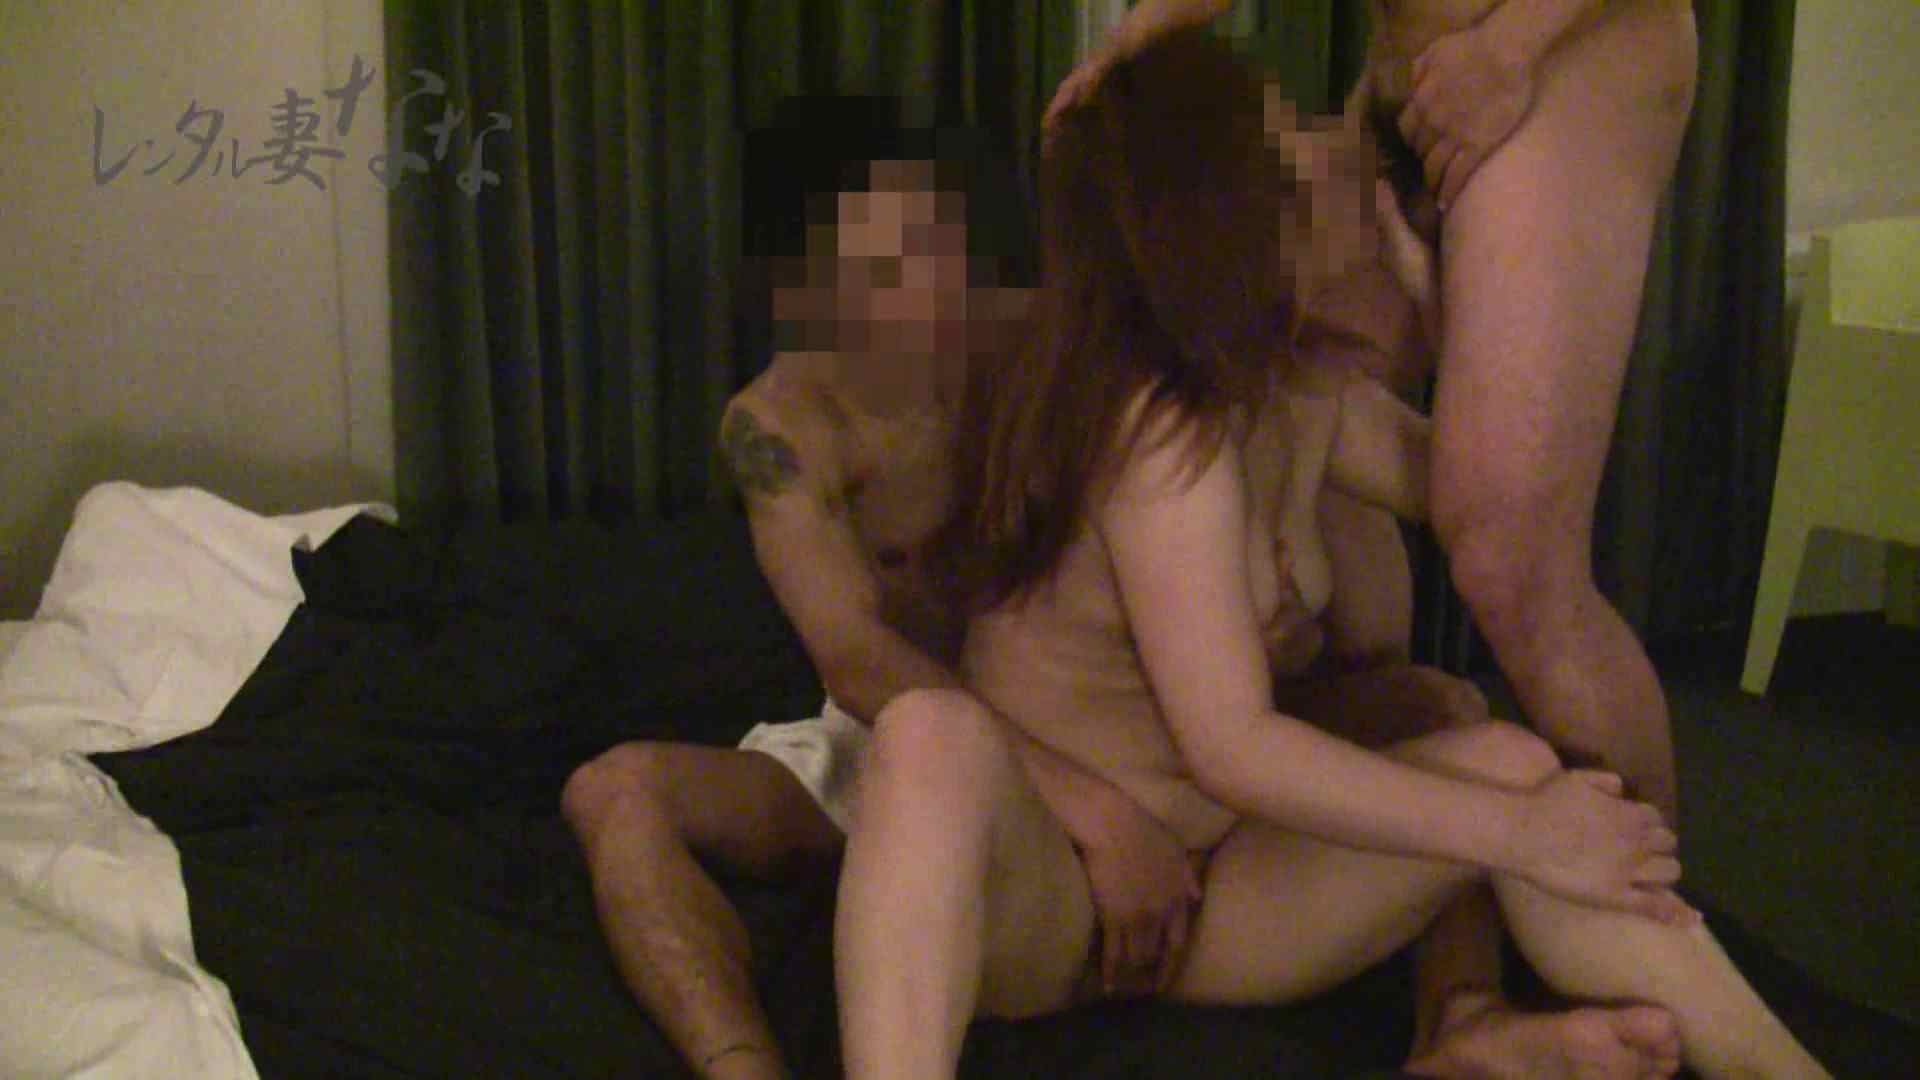 レンタル妻ななのお友達vol.2 セックス映像 隠し撮りオマンコ動画紹介 106枚 19